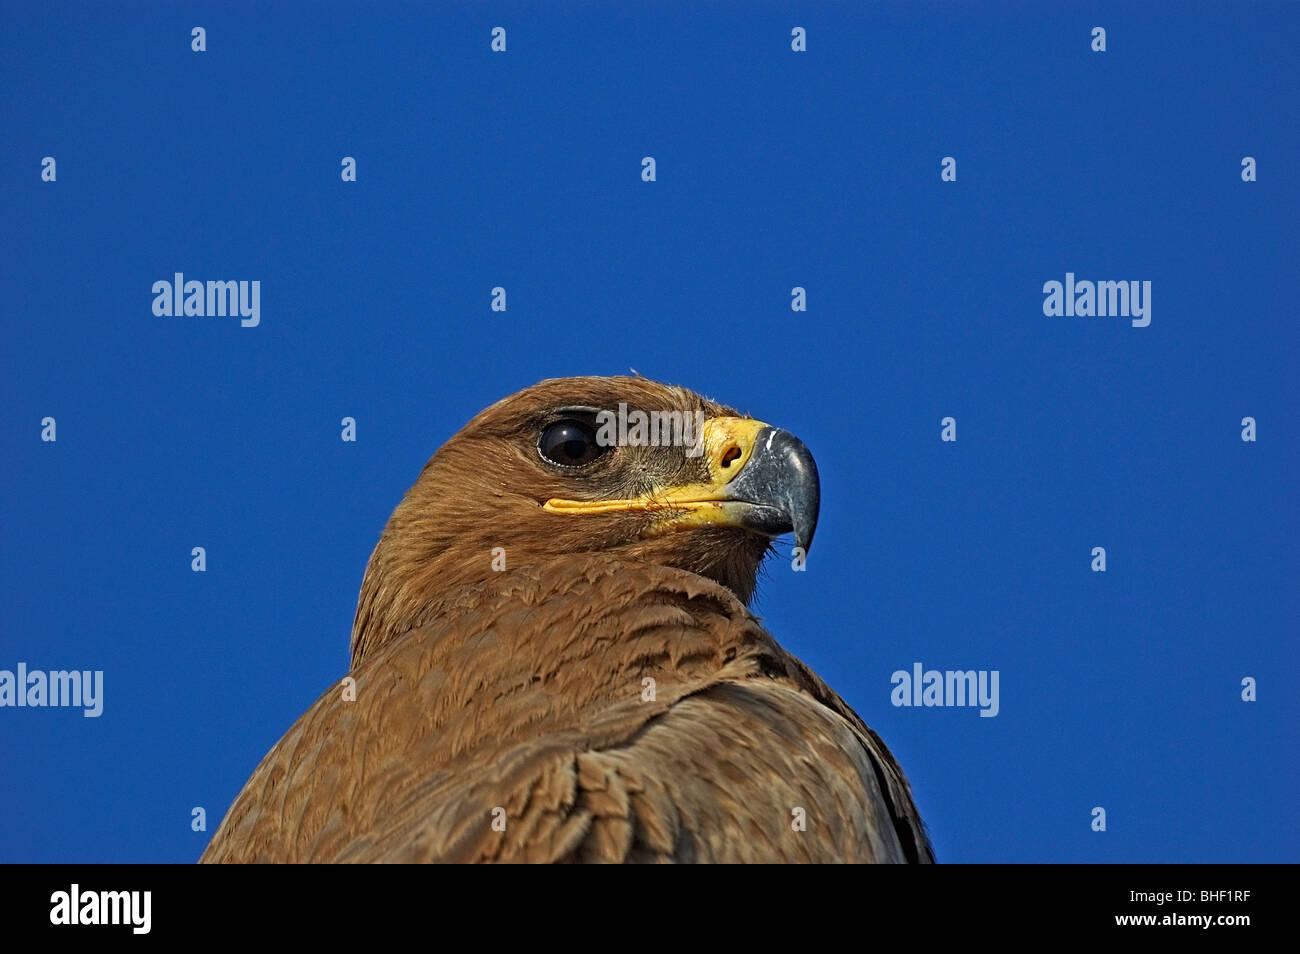 Steppe eagle closeup - Stock Image